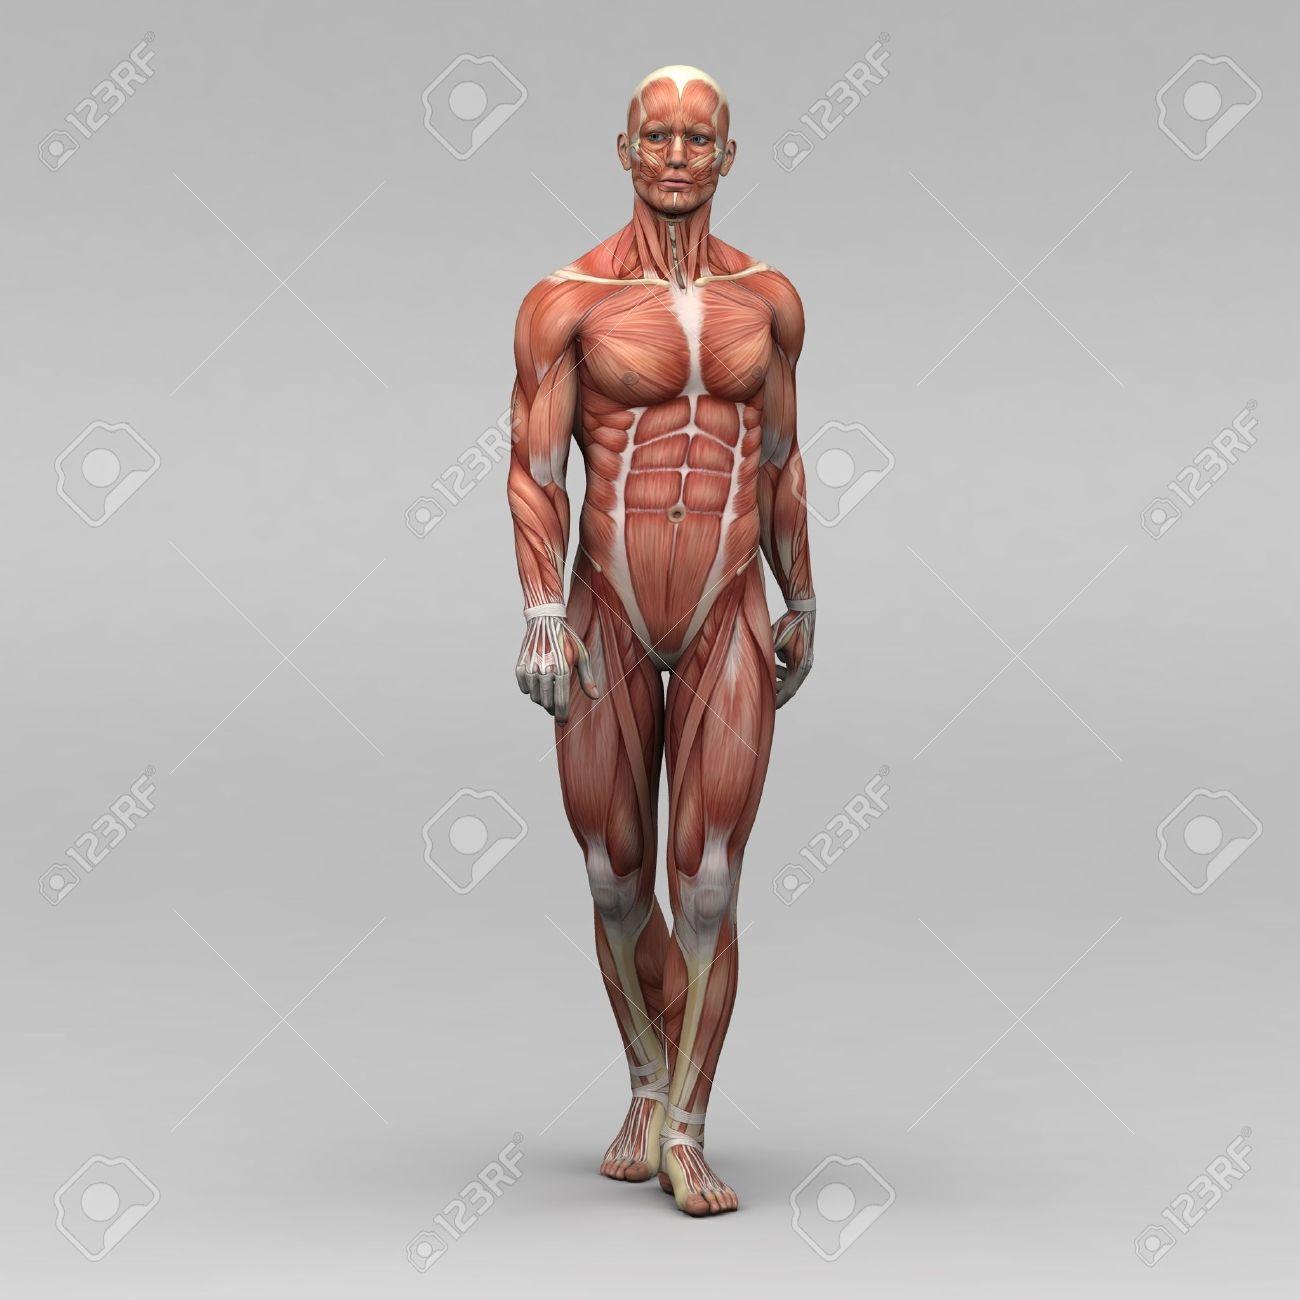 Atlética Anatomía Masculina Humana Y Músculos Fotos, Retratos ...